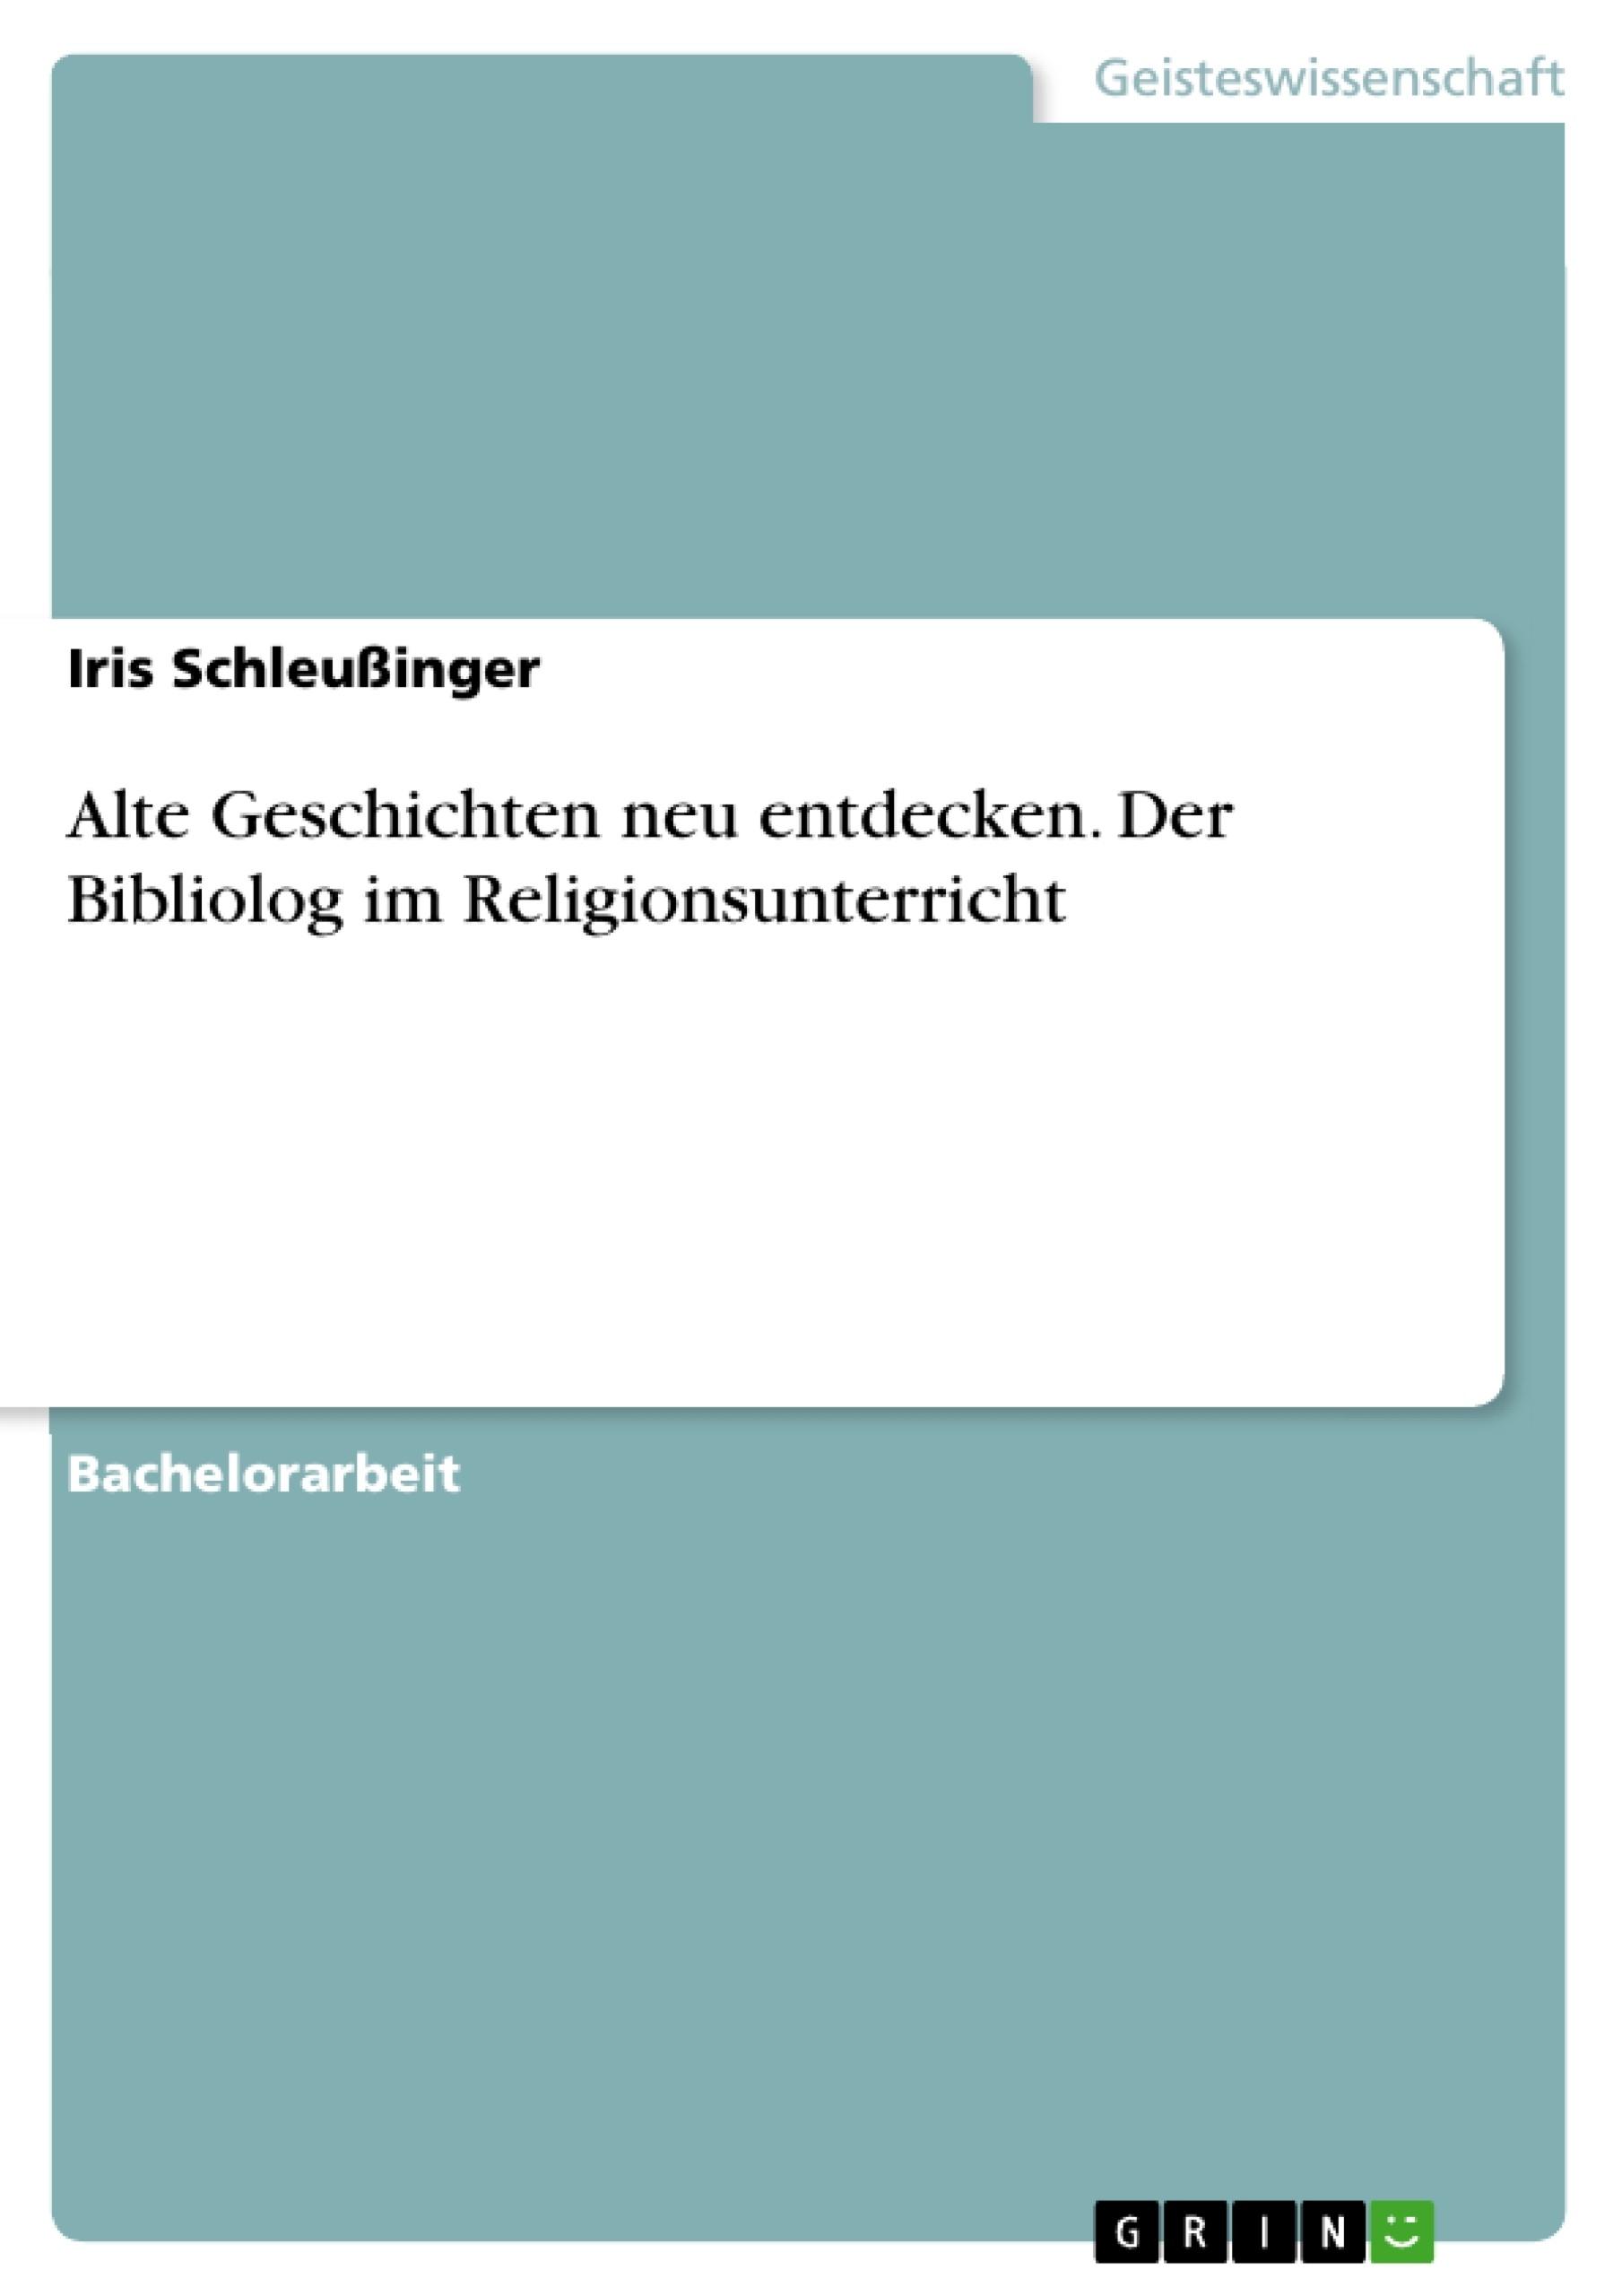 Titel: Alte Geschichten neu entdecken. Der Bibliolog im Religionsunterricht